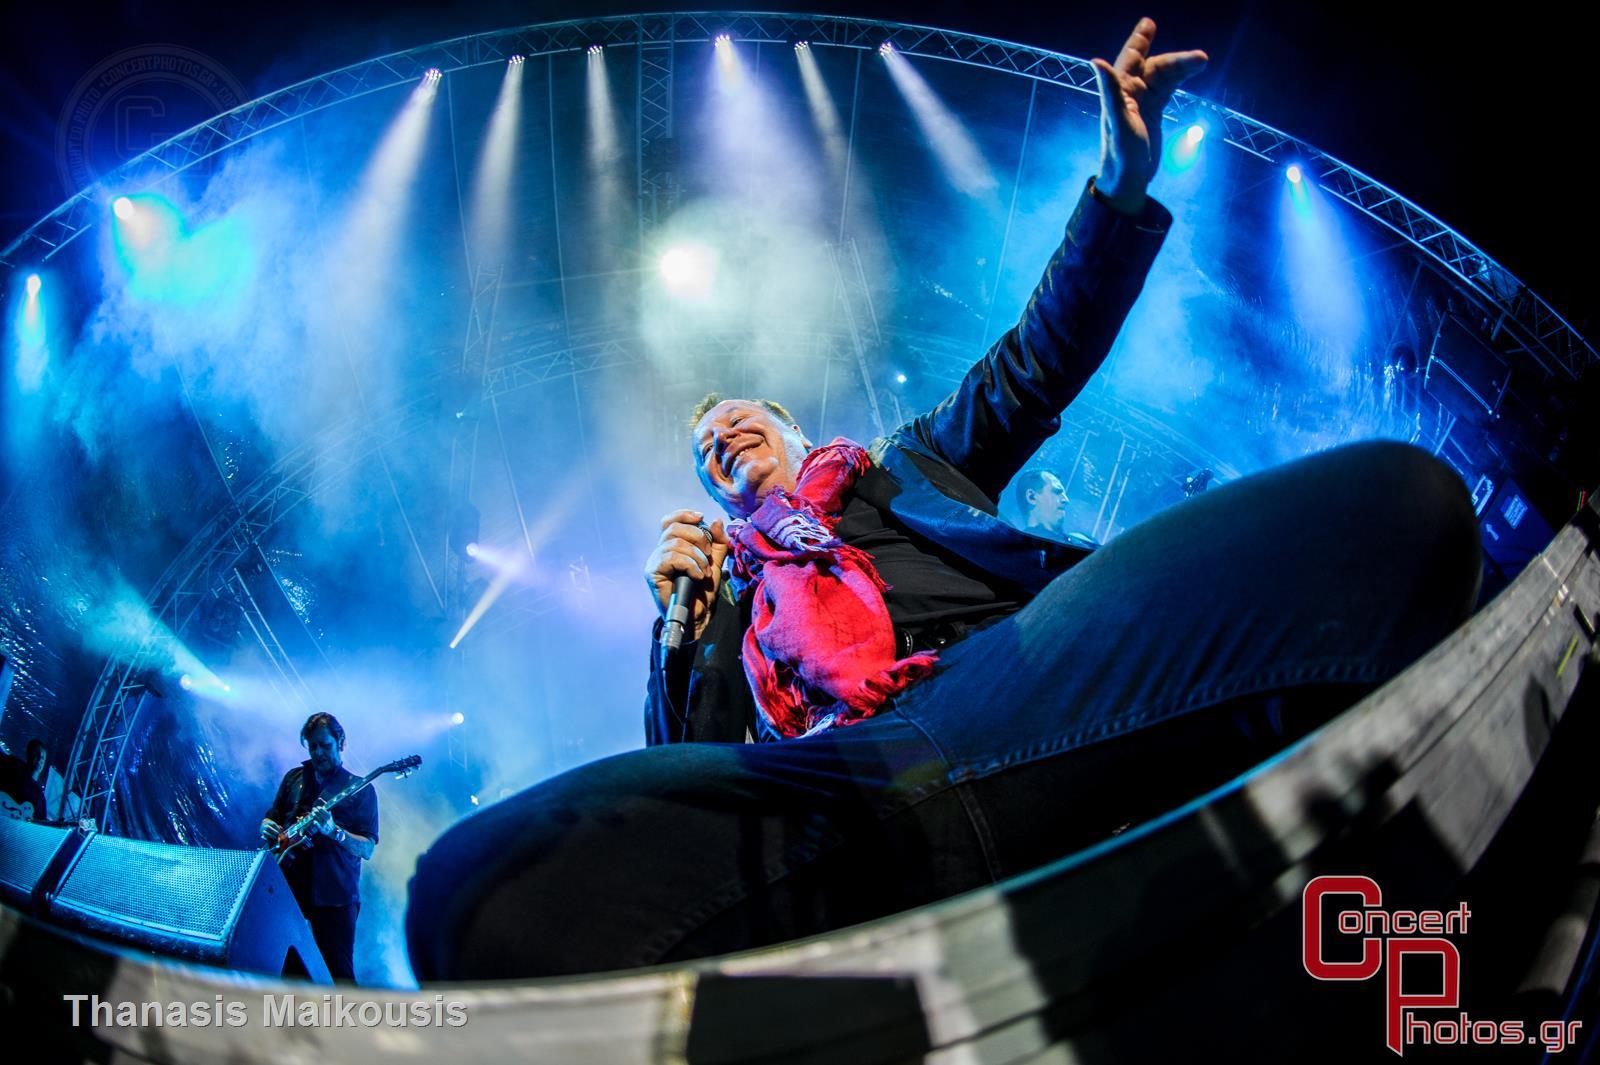 En Lefko 2014-En Lefko 2014 photographer: Thanasis Maikousis - concertphotos_20140620_22_39_44